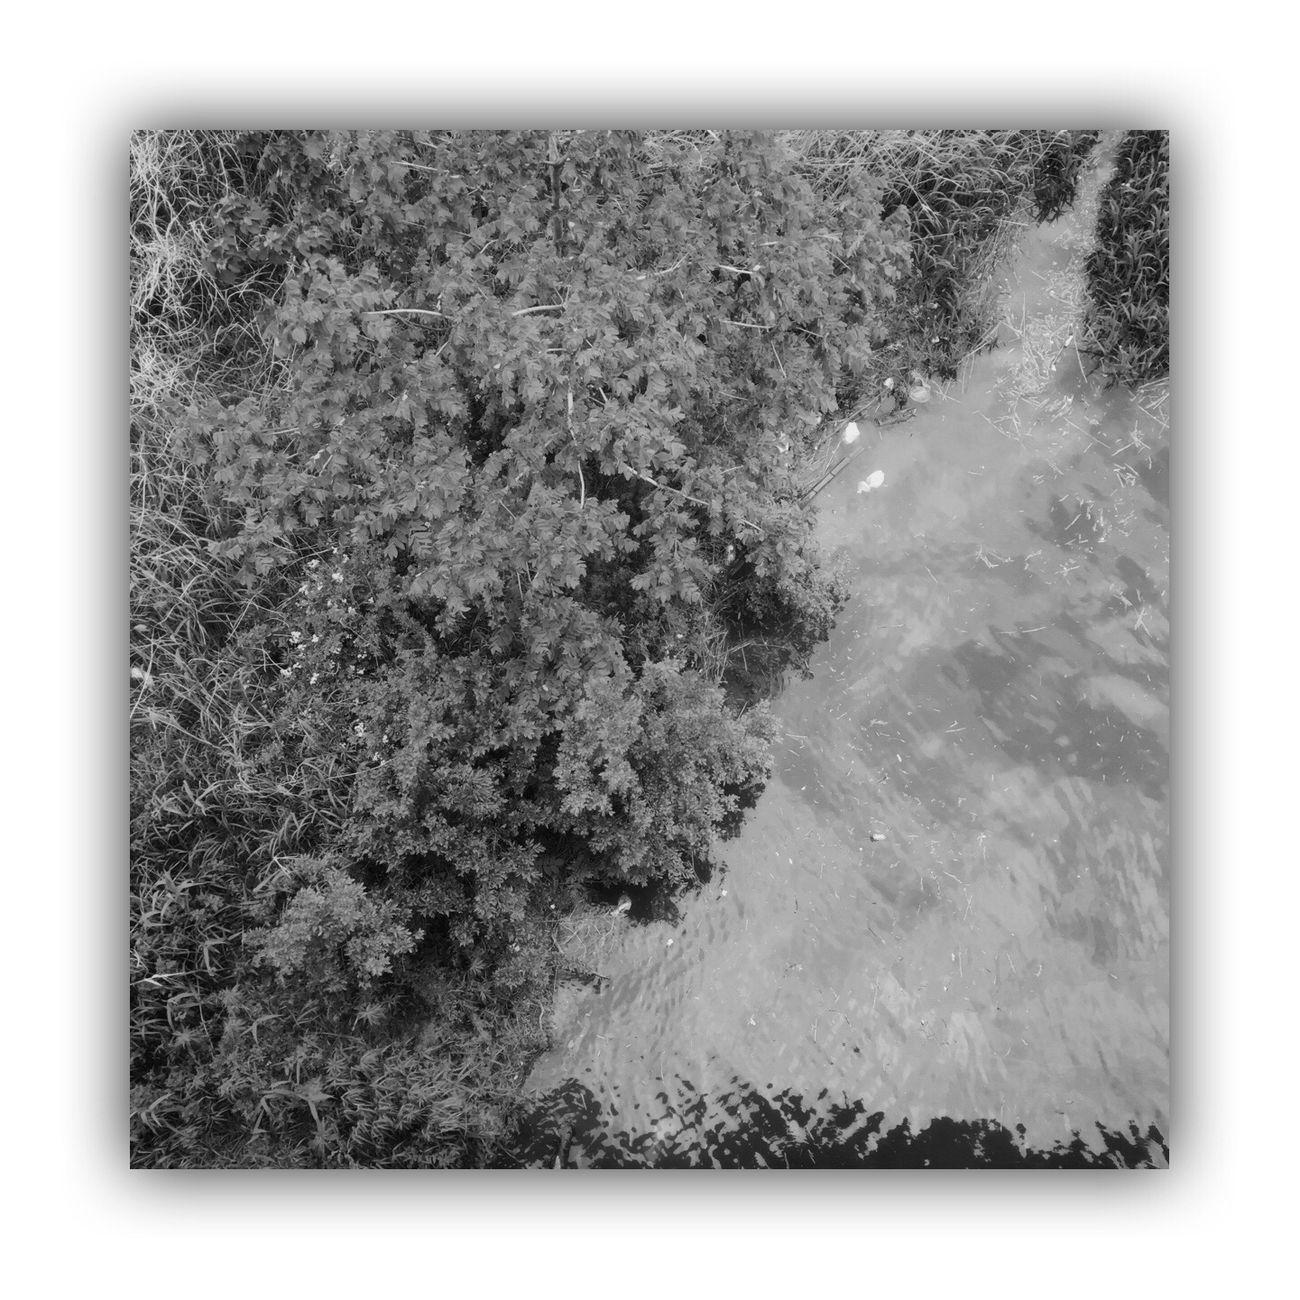 「川を橋の上から撮る」 I Took The Rivers From On The Bridge River Bridge Monochrome_life Blackandwhite Monochrome Light And Shadow